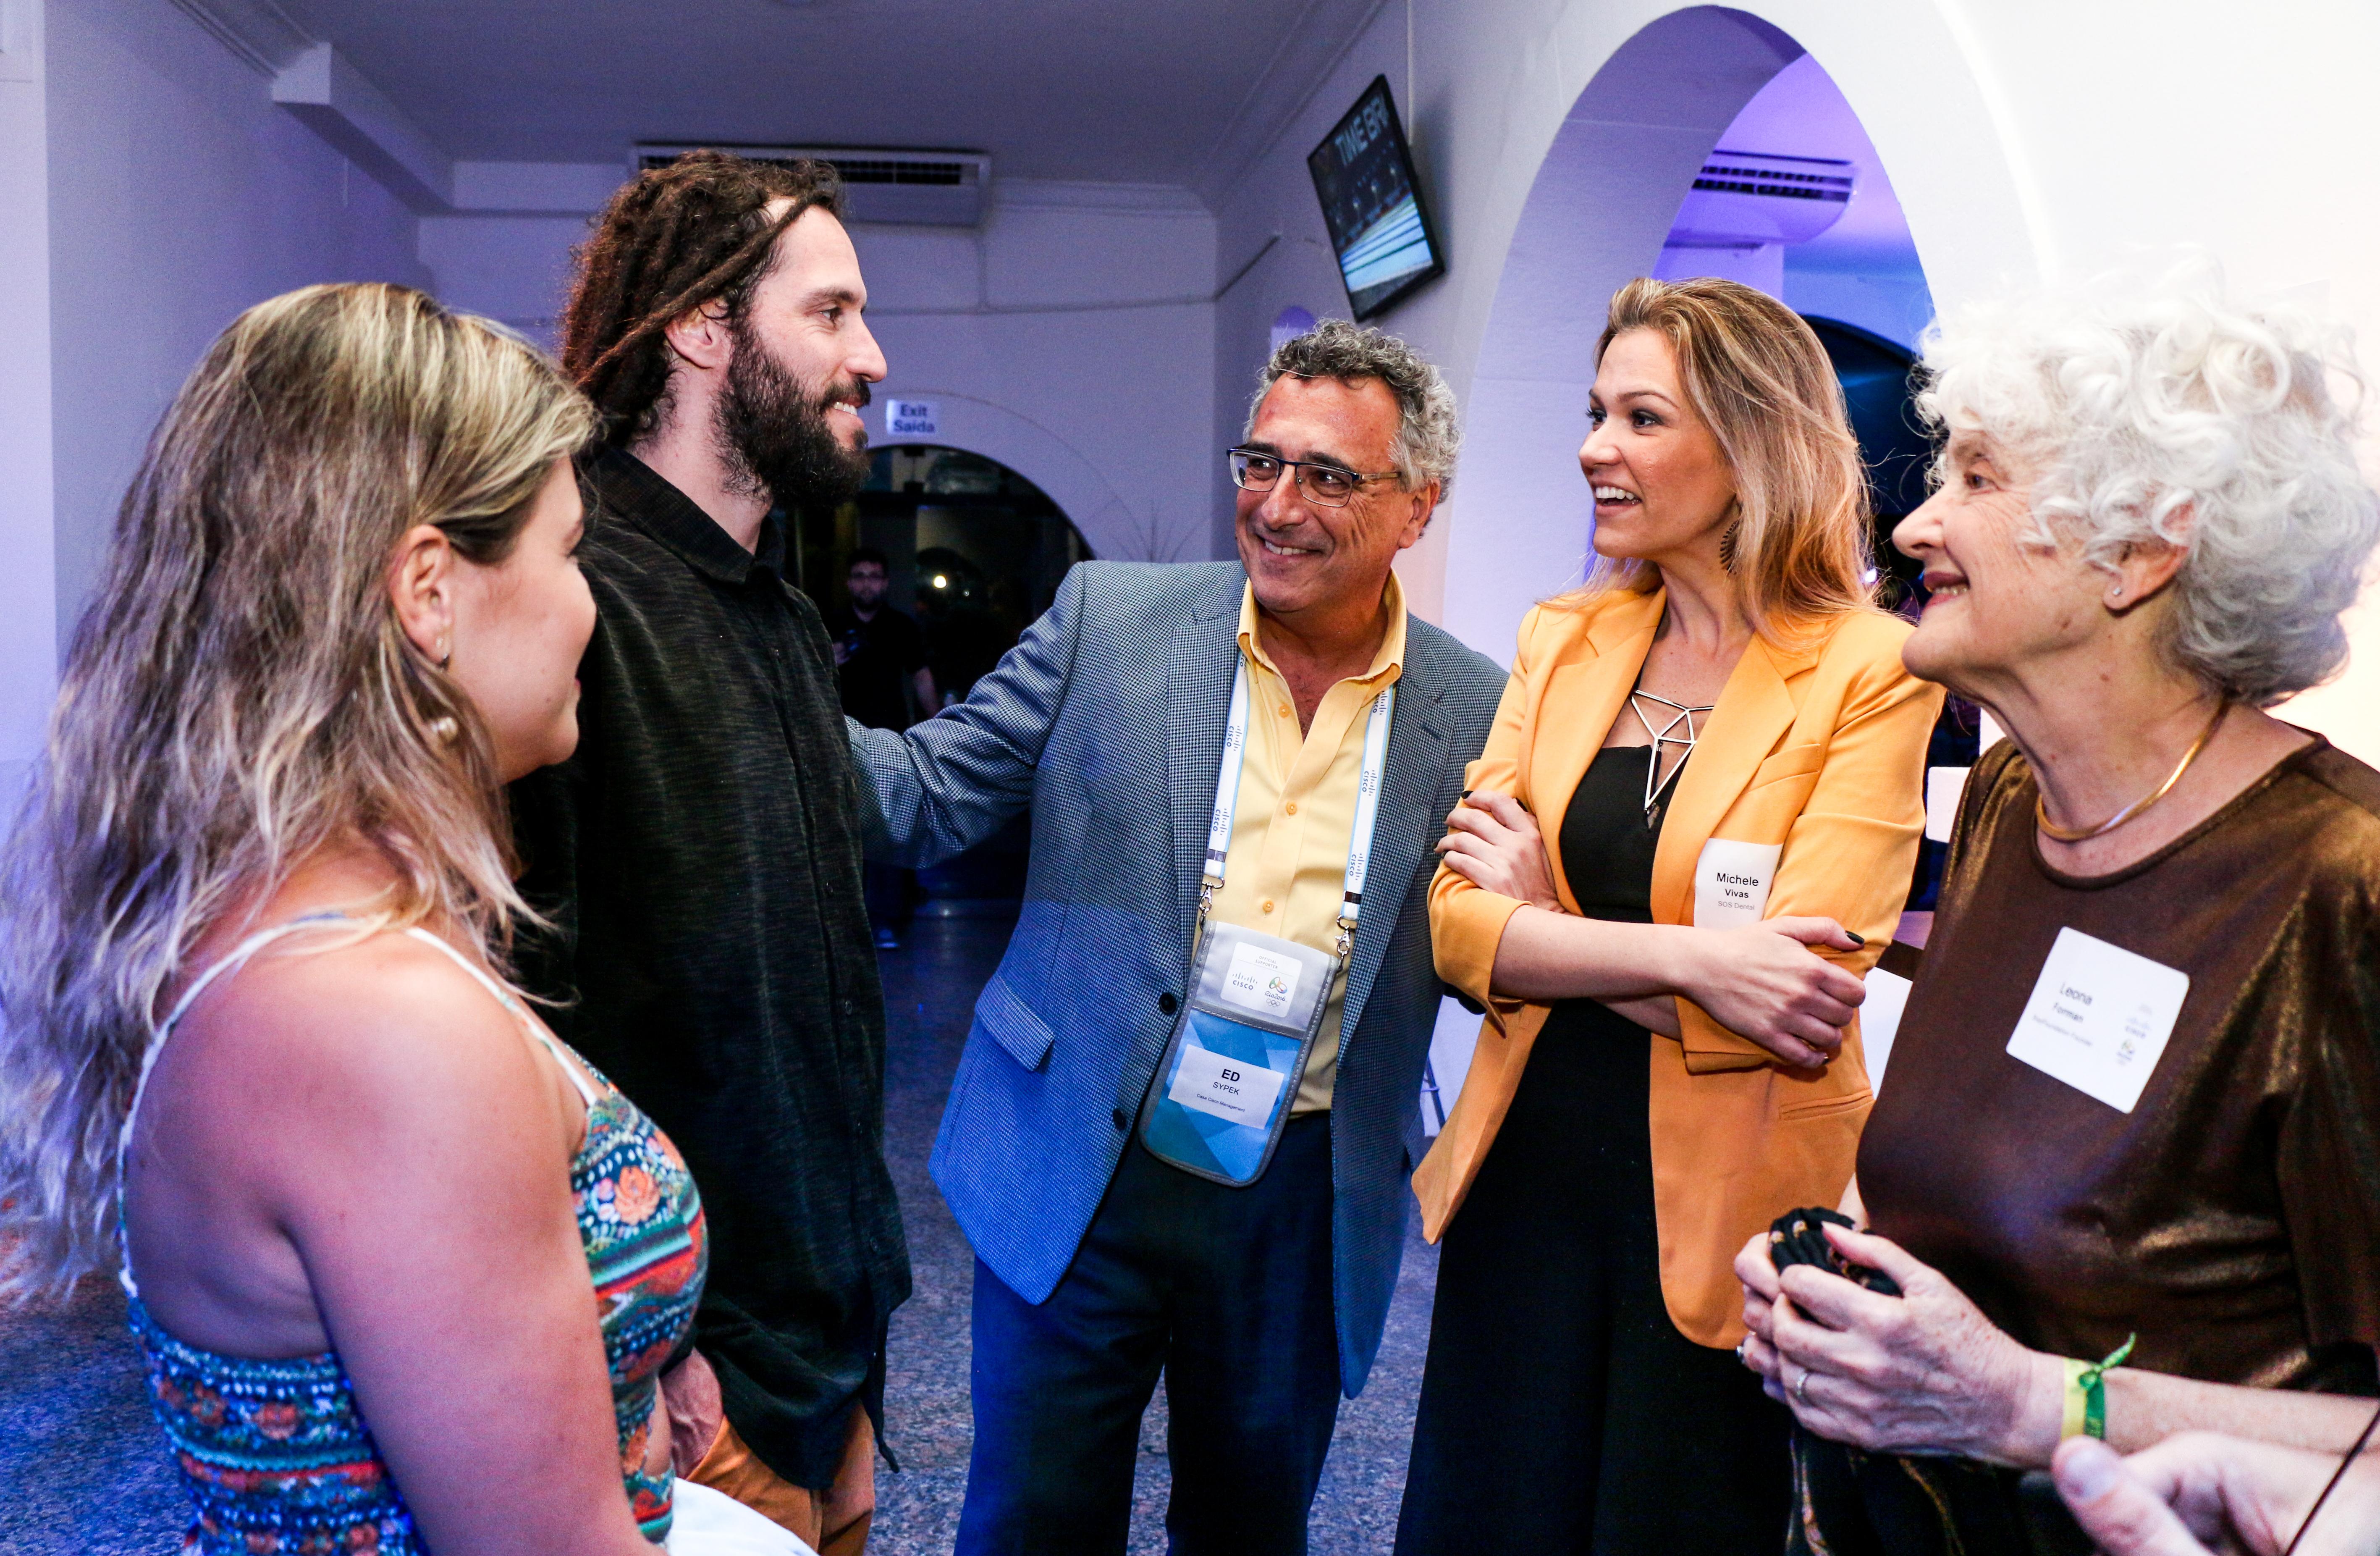 BrazilFoundation Casa Cisco Apoiadores e Leona Forman